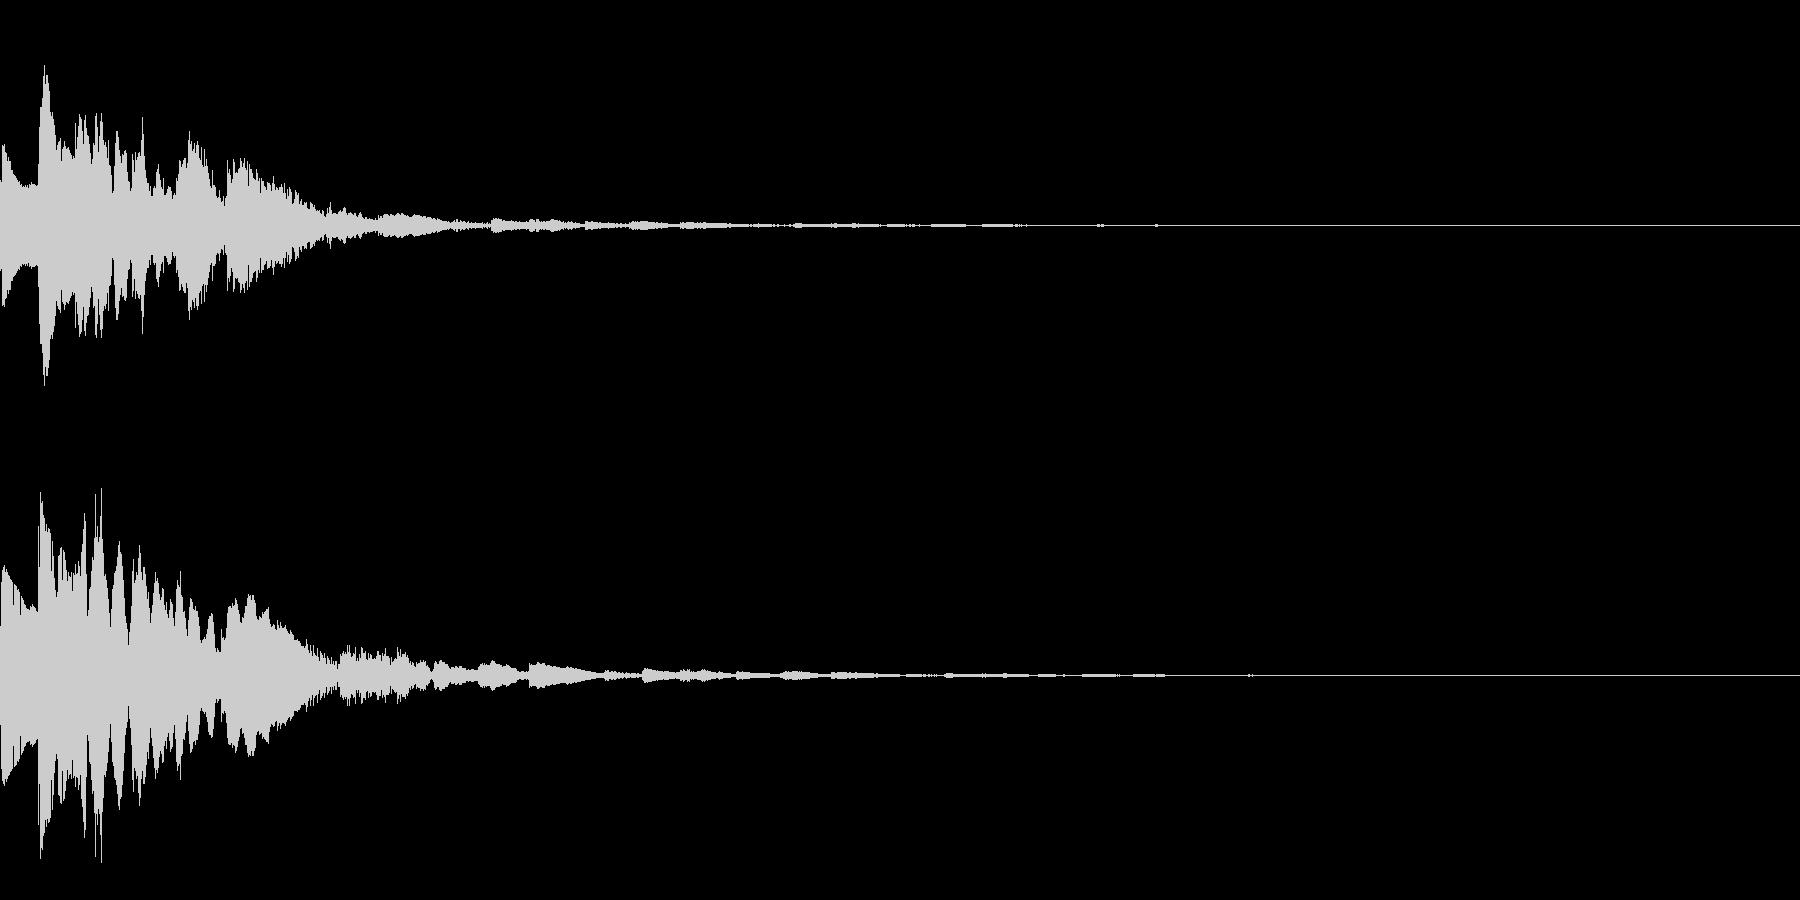 GameSFX ゲーム内の効果音 2の未再生の波形